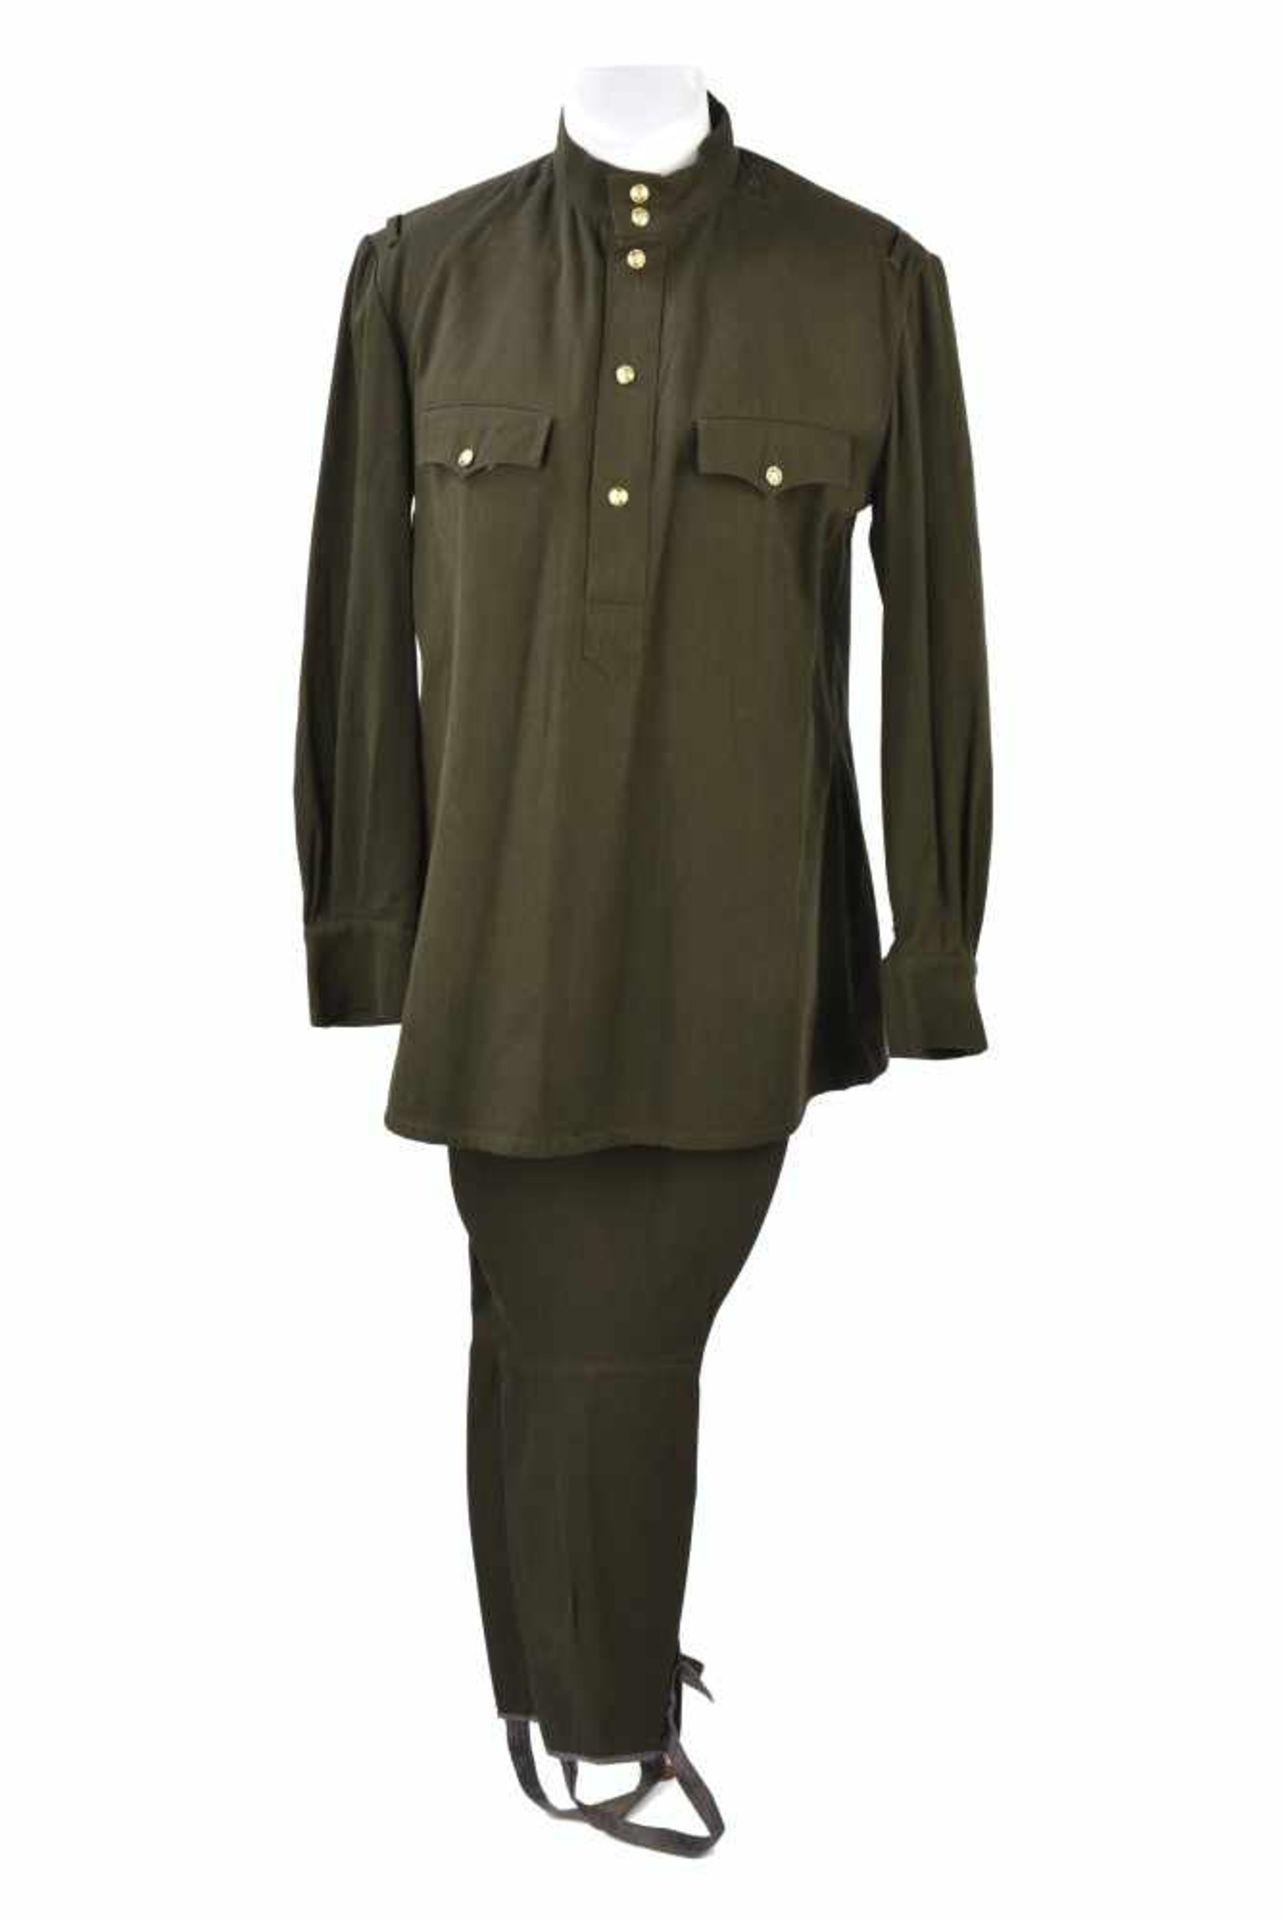 Ensemble NEUF comprenant Gymnasterka M.43 avec poches de poitrine,très belle et culotte. Les deux